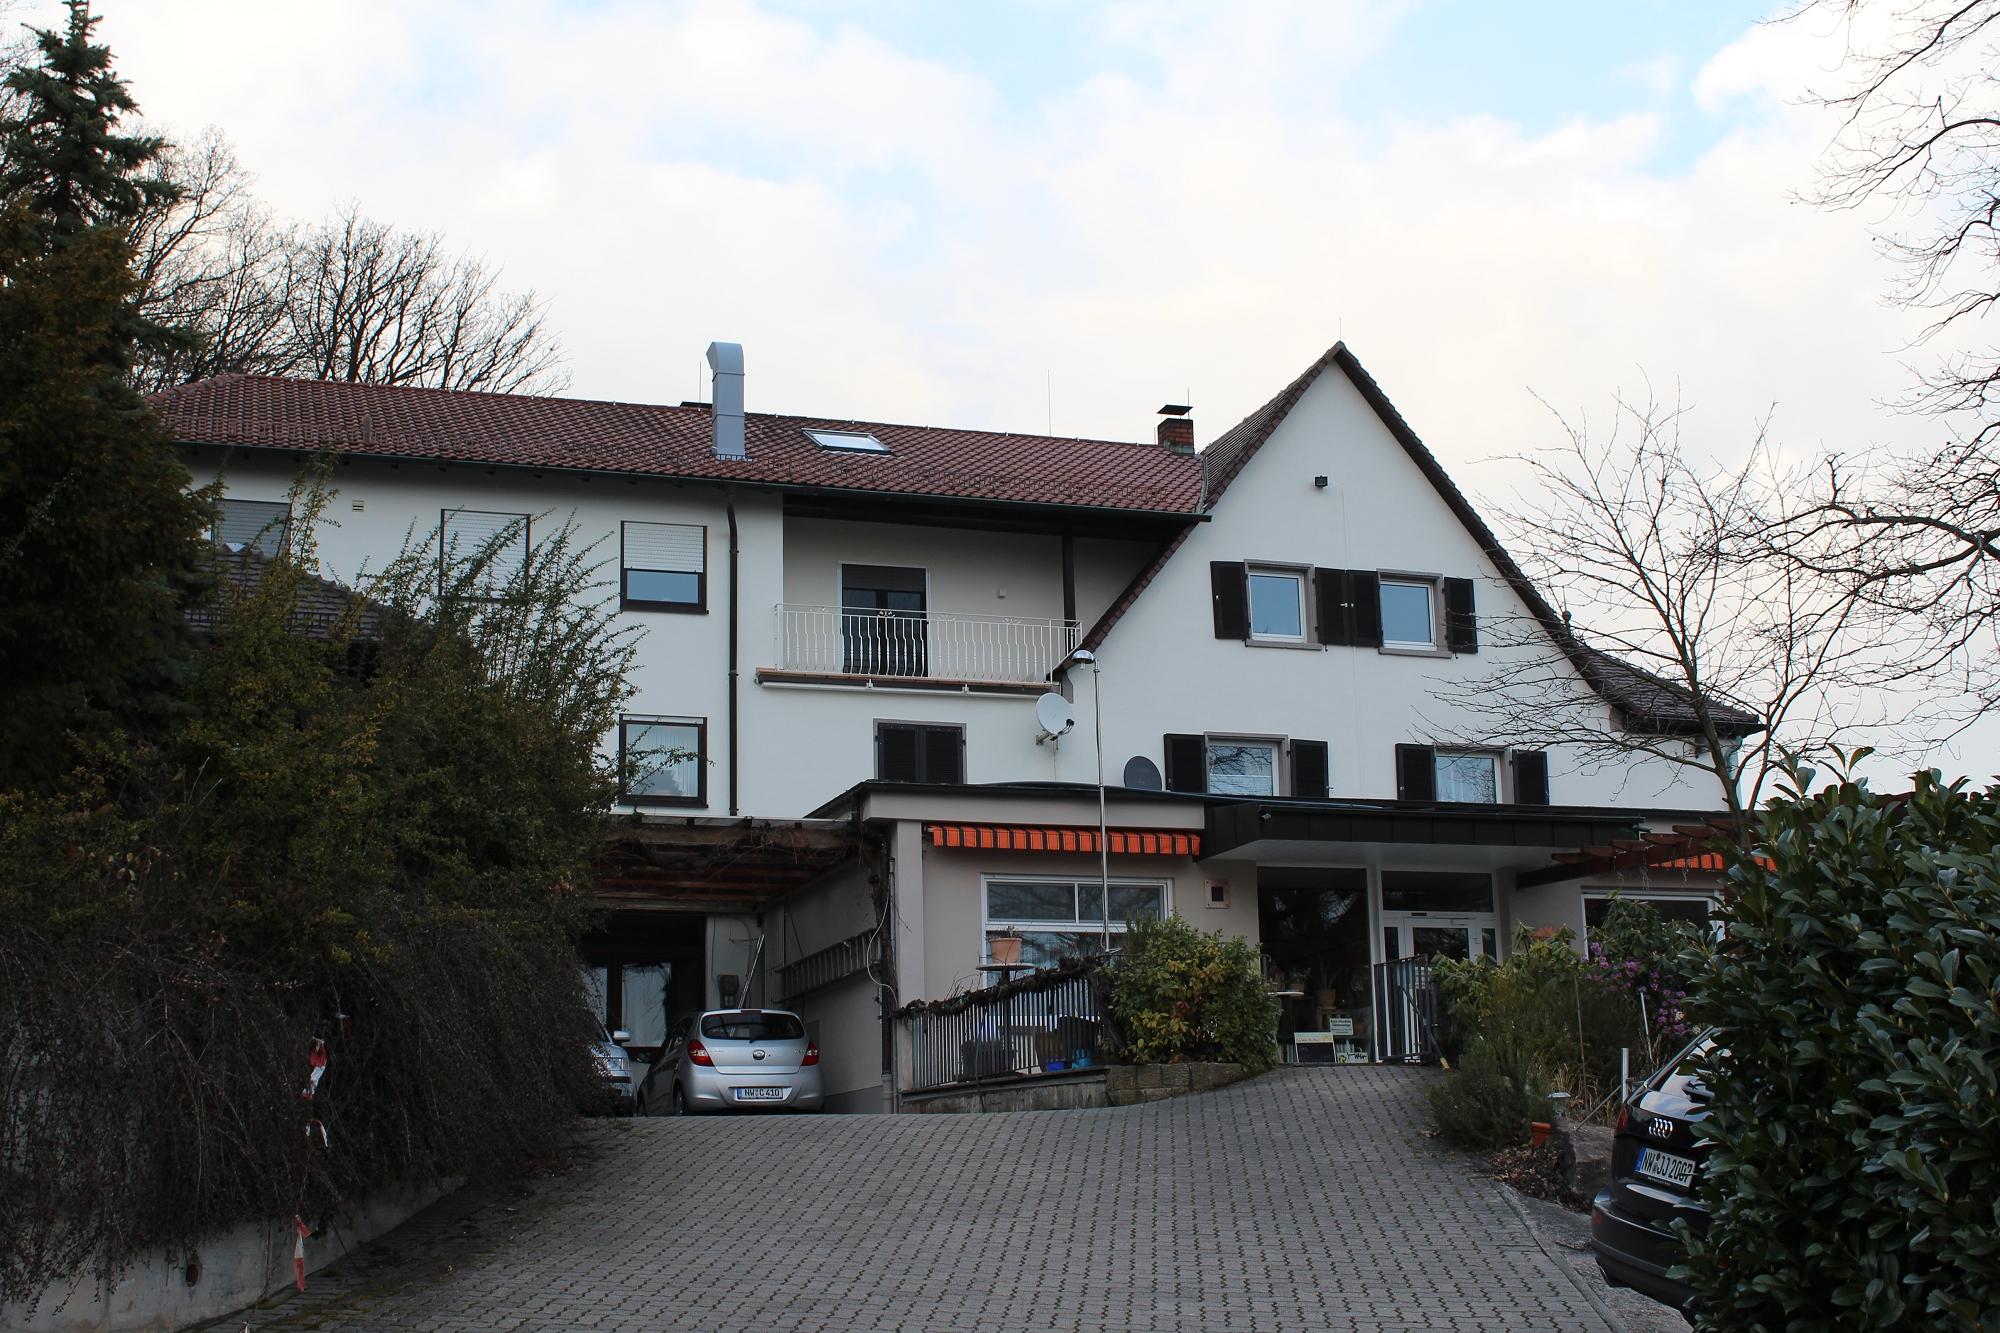 DB0NW – Hambach | Die Wahrheit